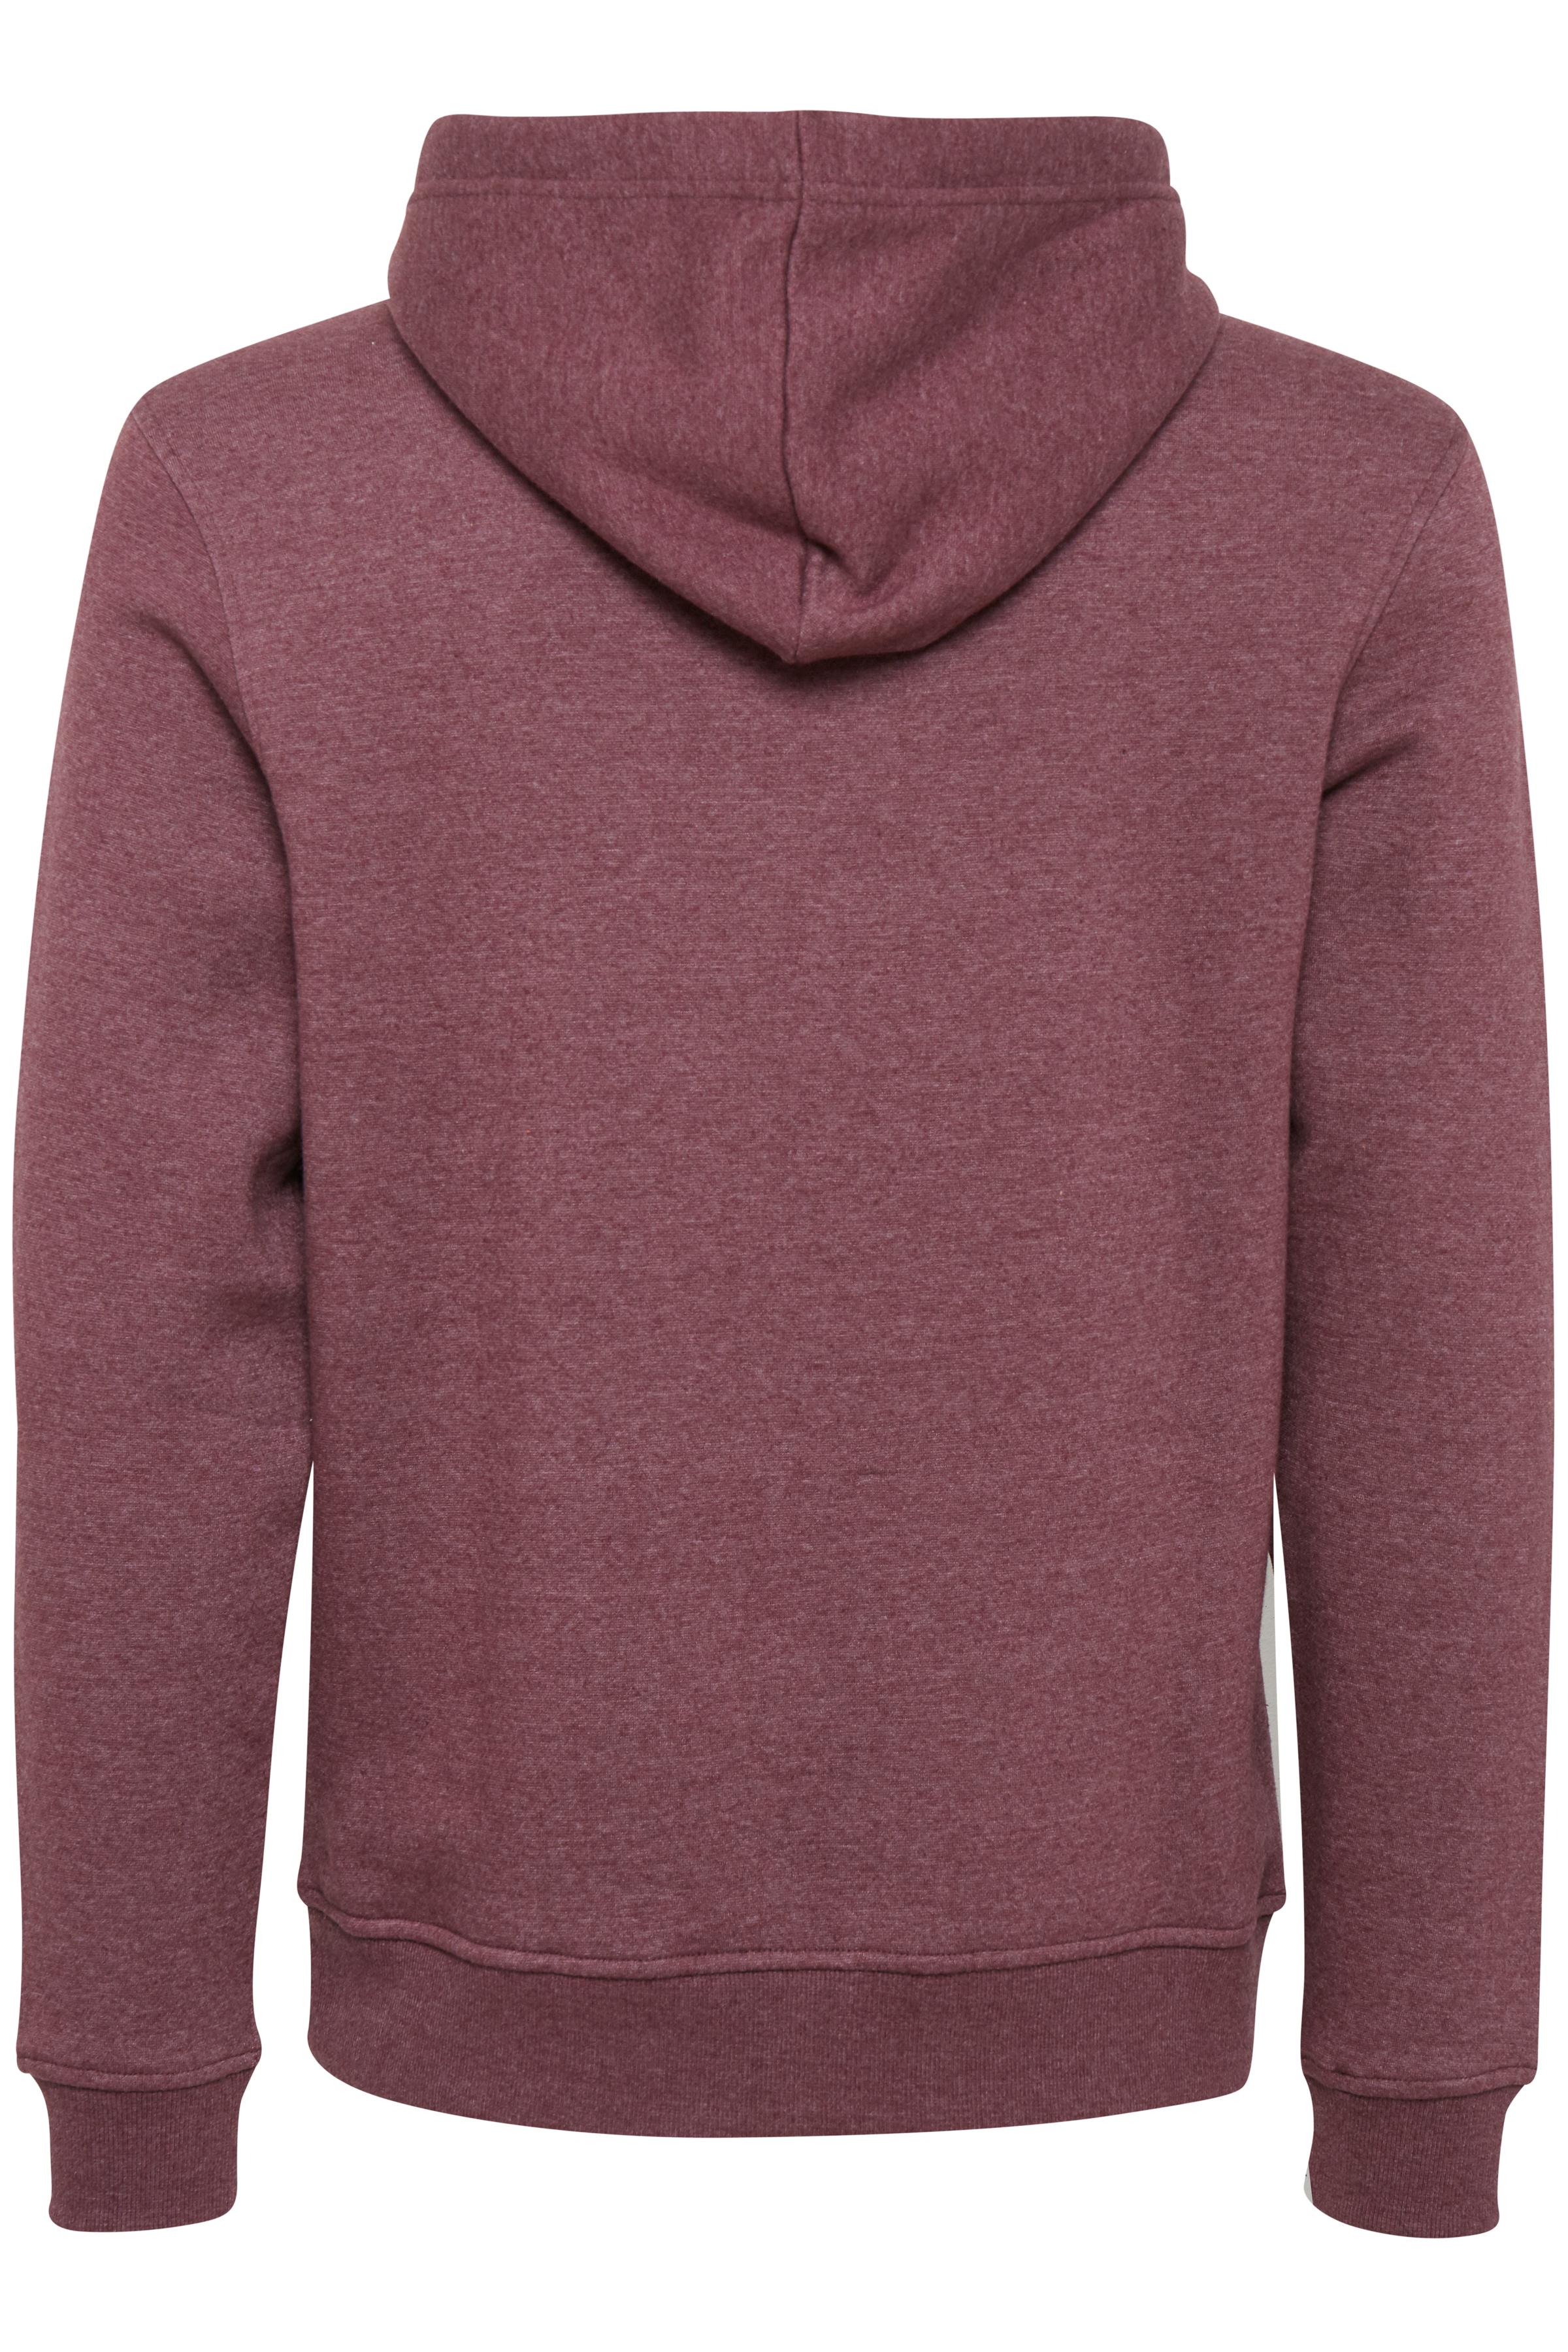 Winetasting Hooded blouse fra Blend He – Køb Winetasting Hooded blouse fra str. S-XL her